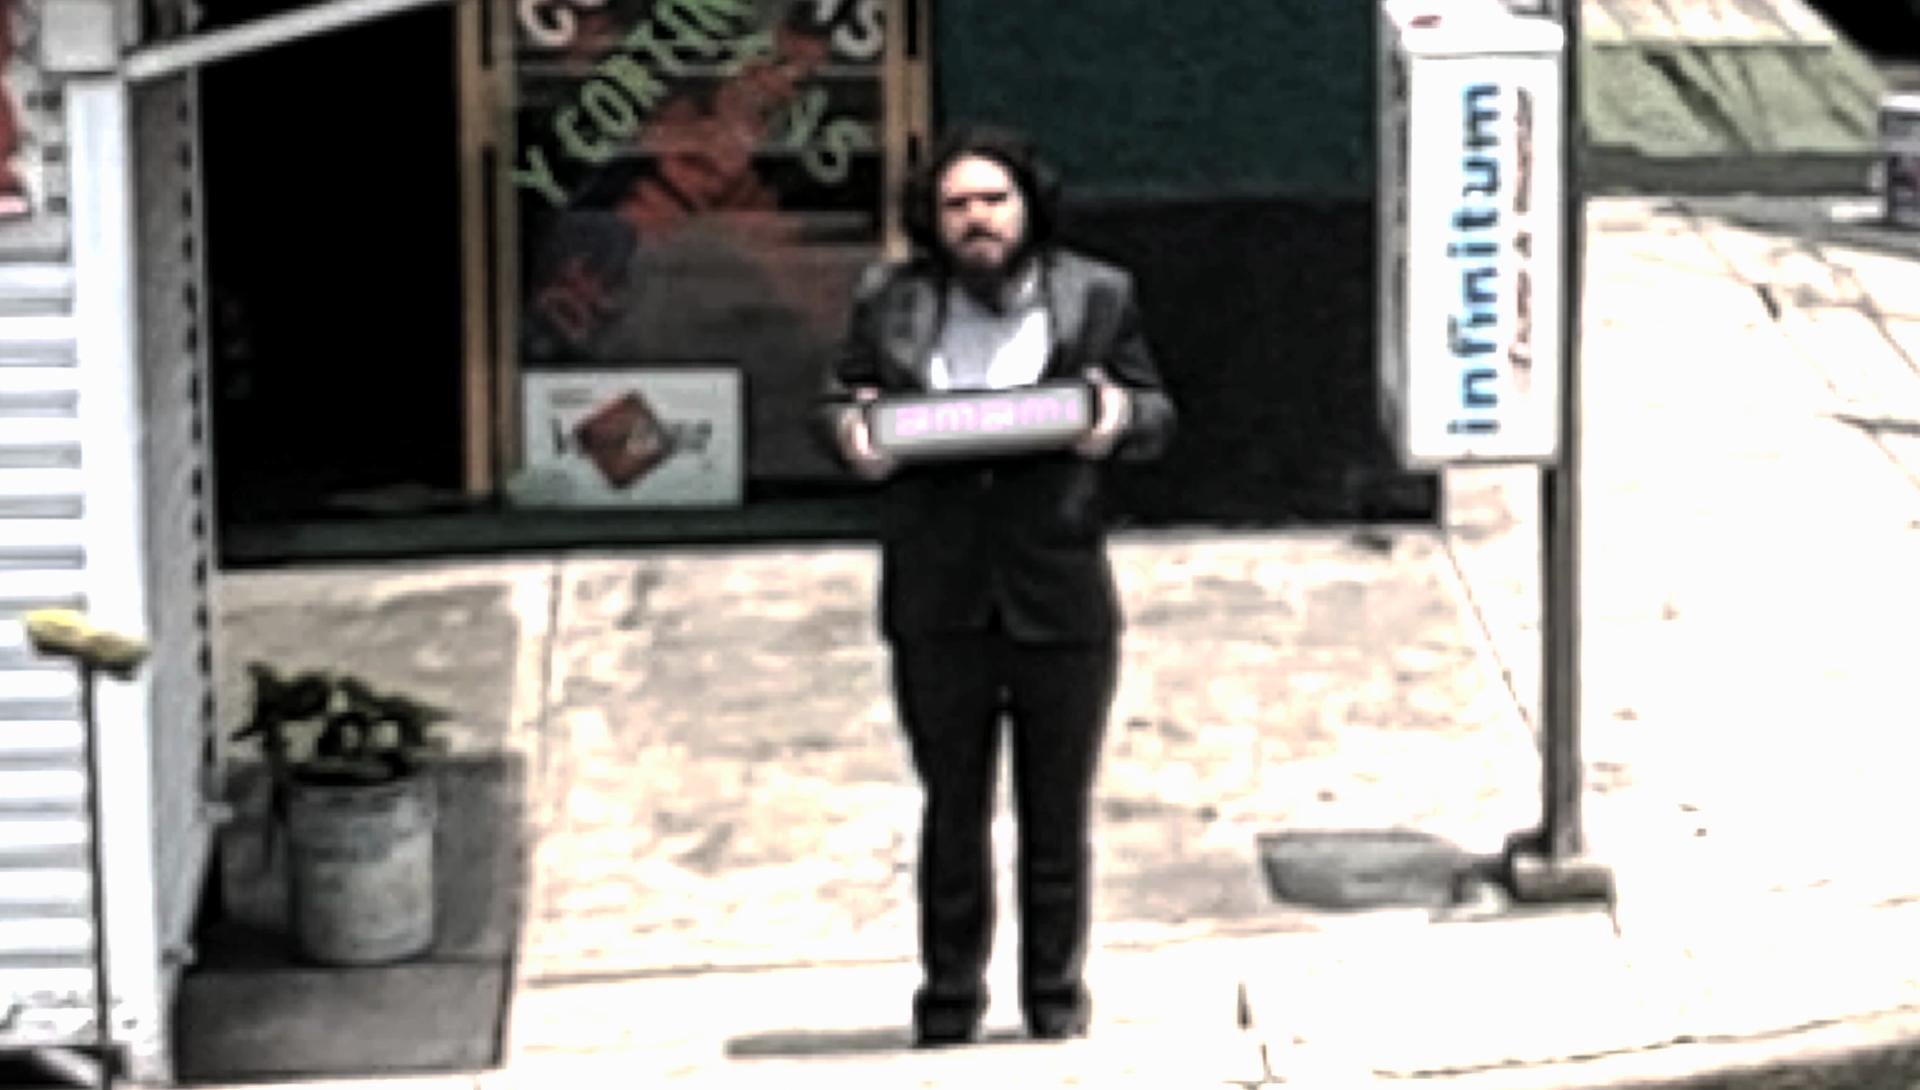 Diego Trujillo ante una cámara de vigilancia - 'Finding the operator'